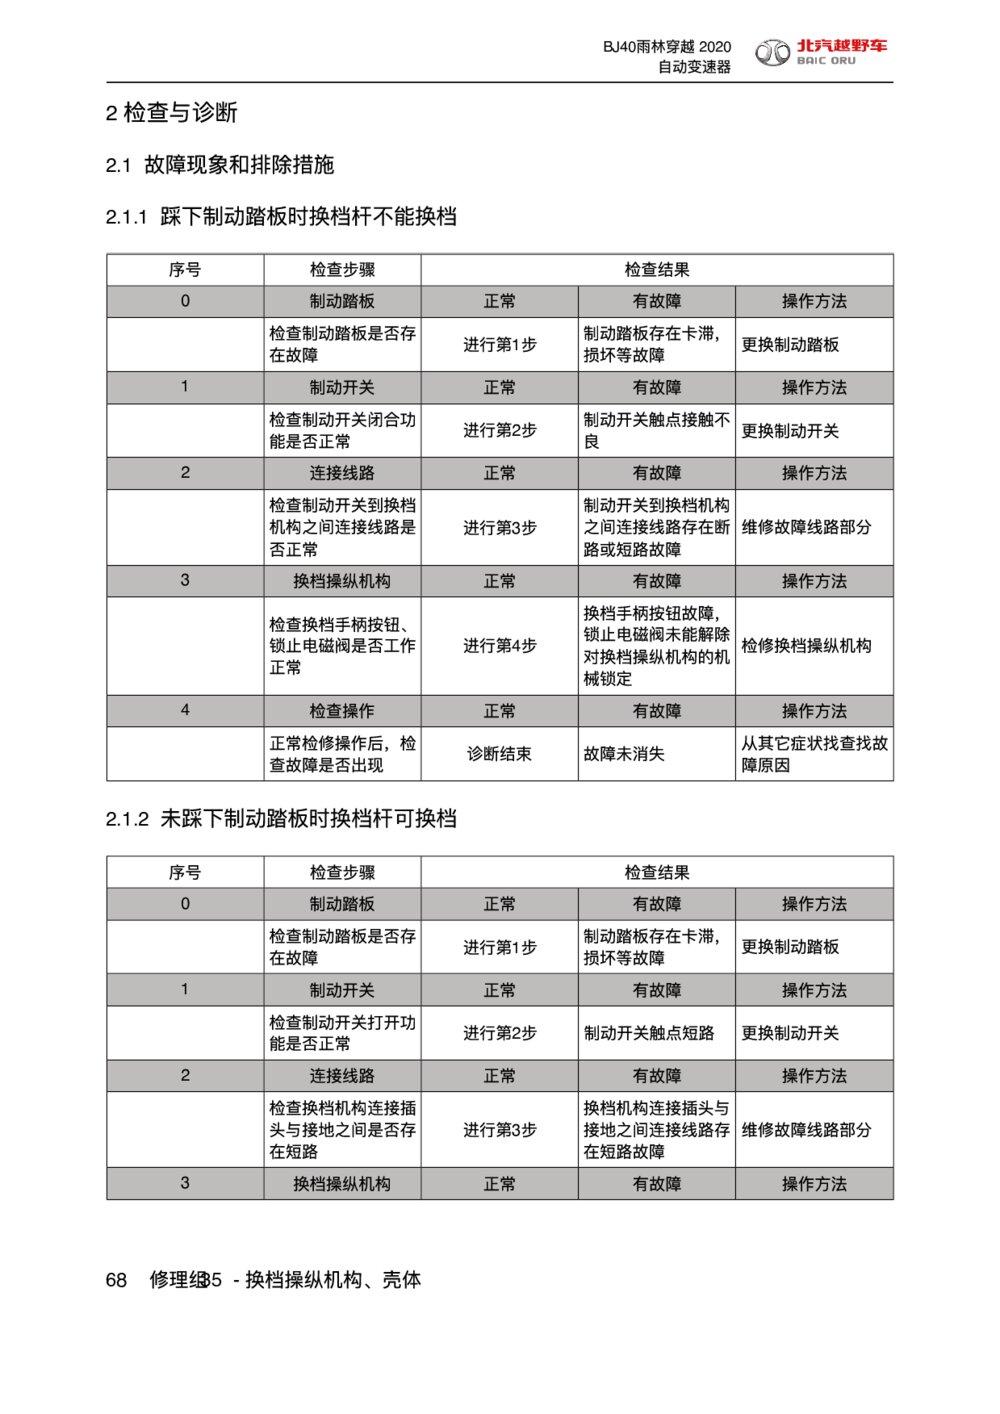 2020款北京BJ40雨林穿越版换档操纵机构检查与诊断